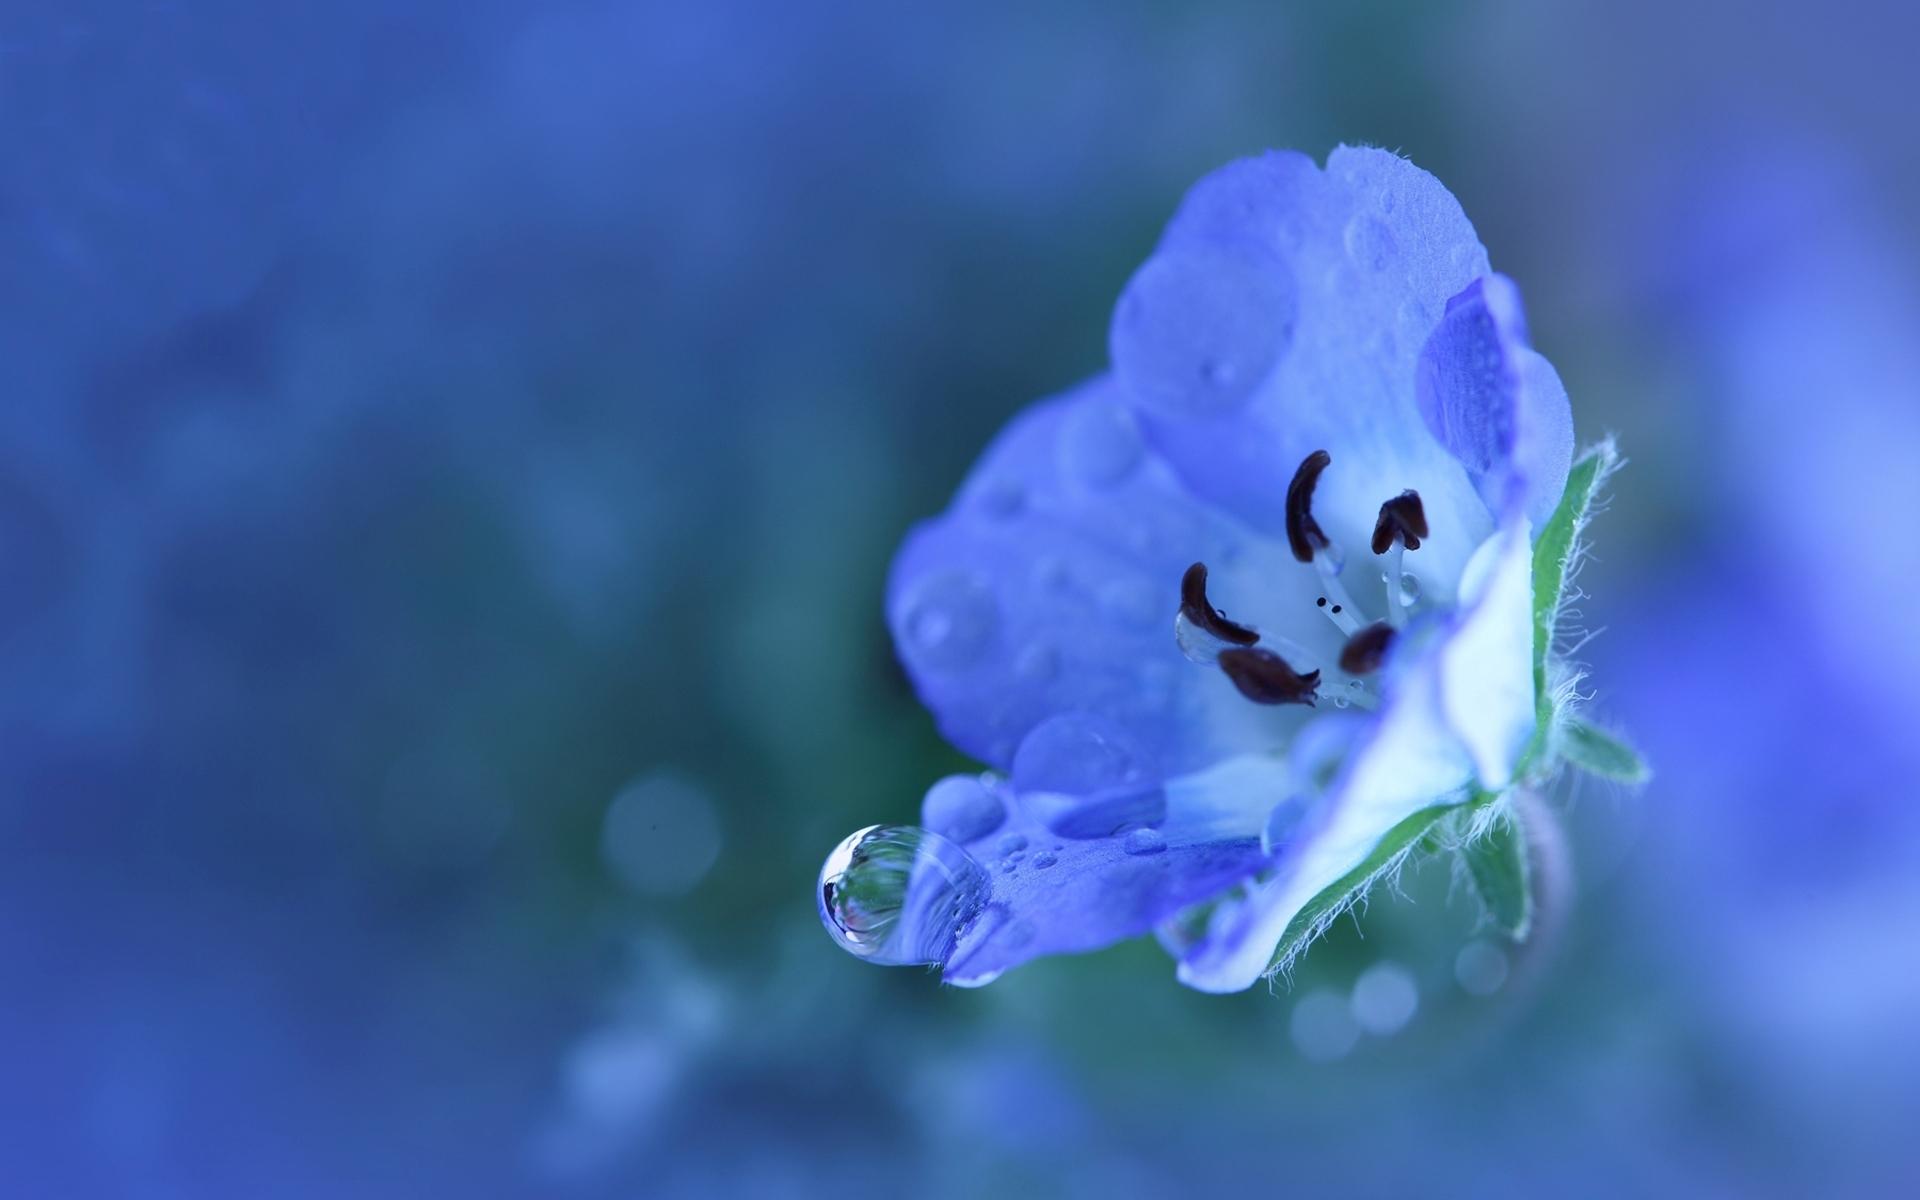 Blue Flower Wide Desktop Background Hd Desktop Wallpapers 4k Hd